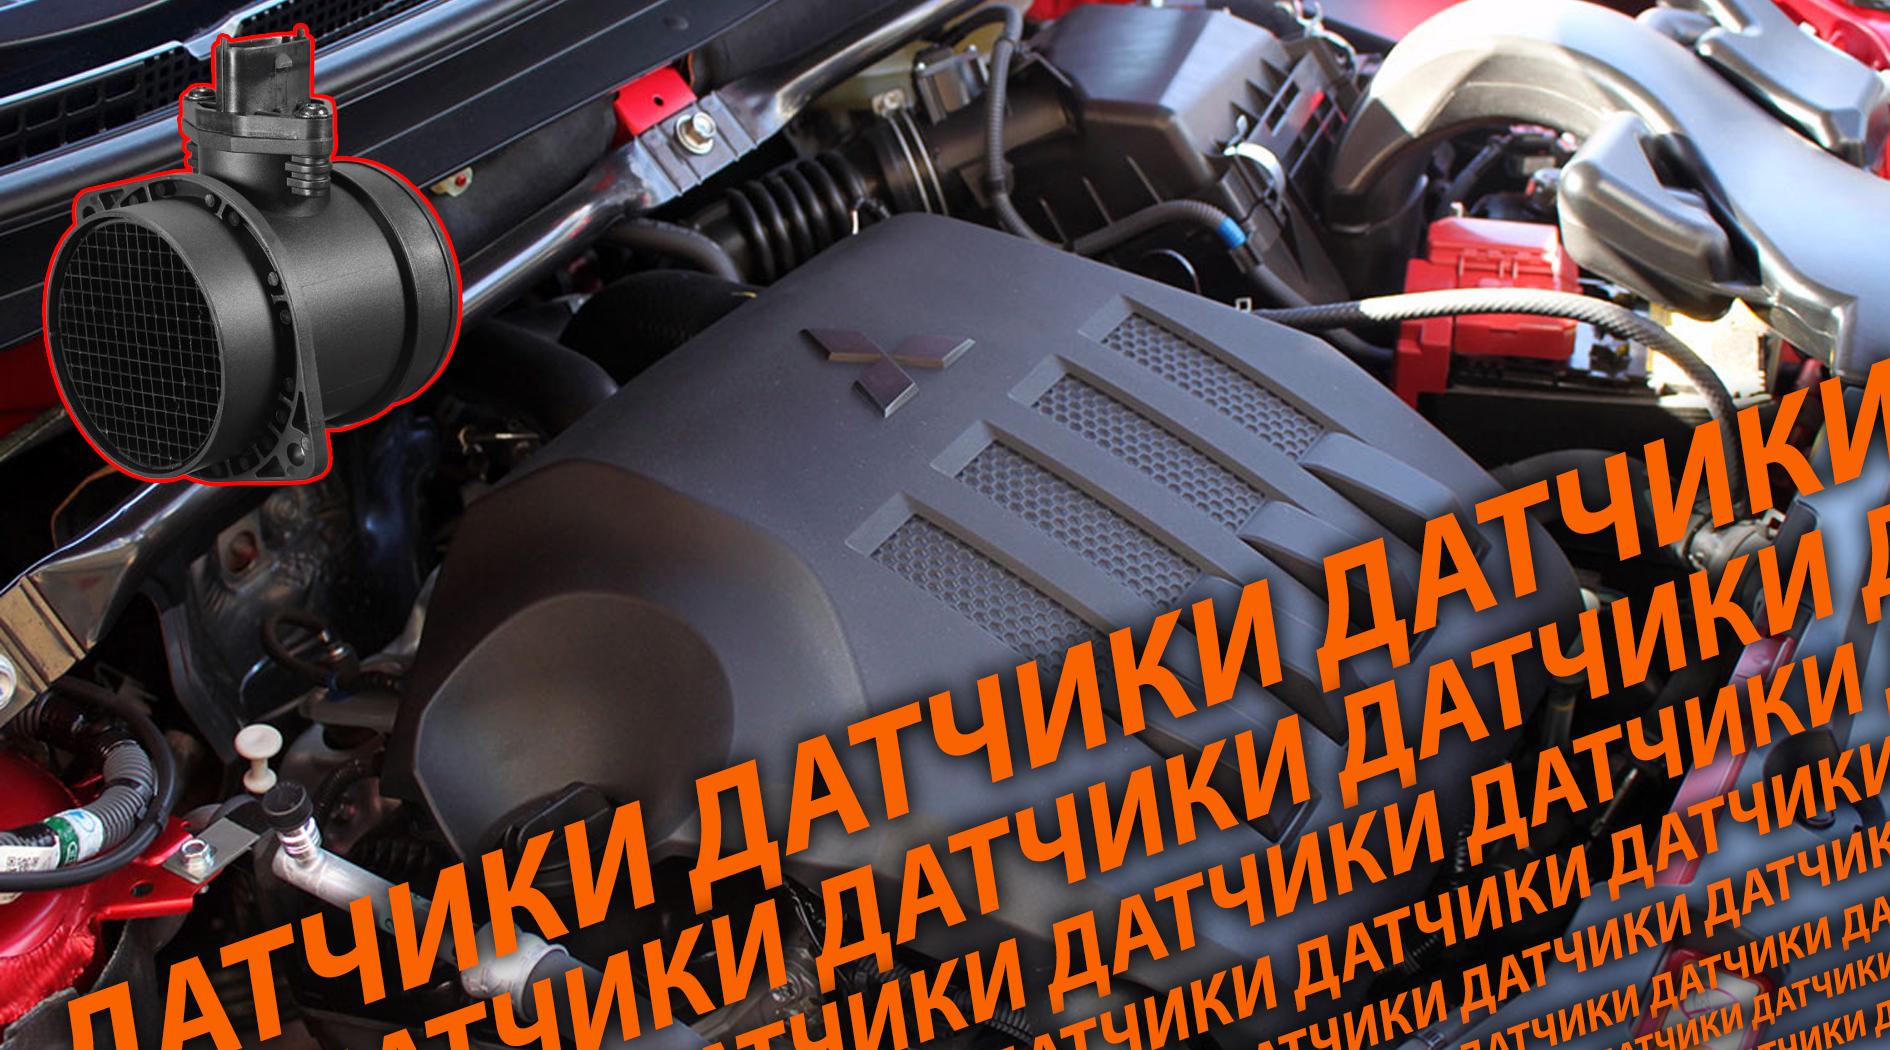 1577106546_8-avtomobilnyh-datchikov-chastye-neispravnosti.jpg